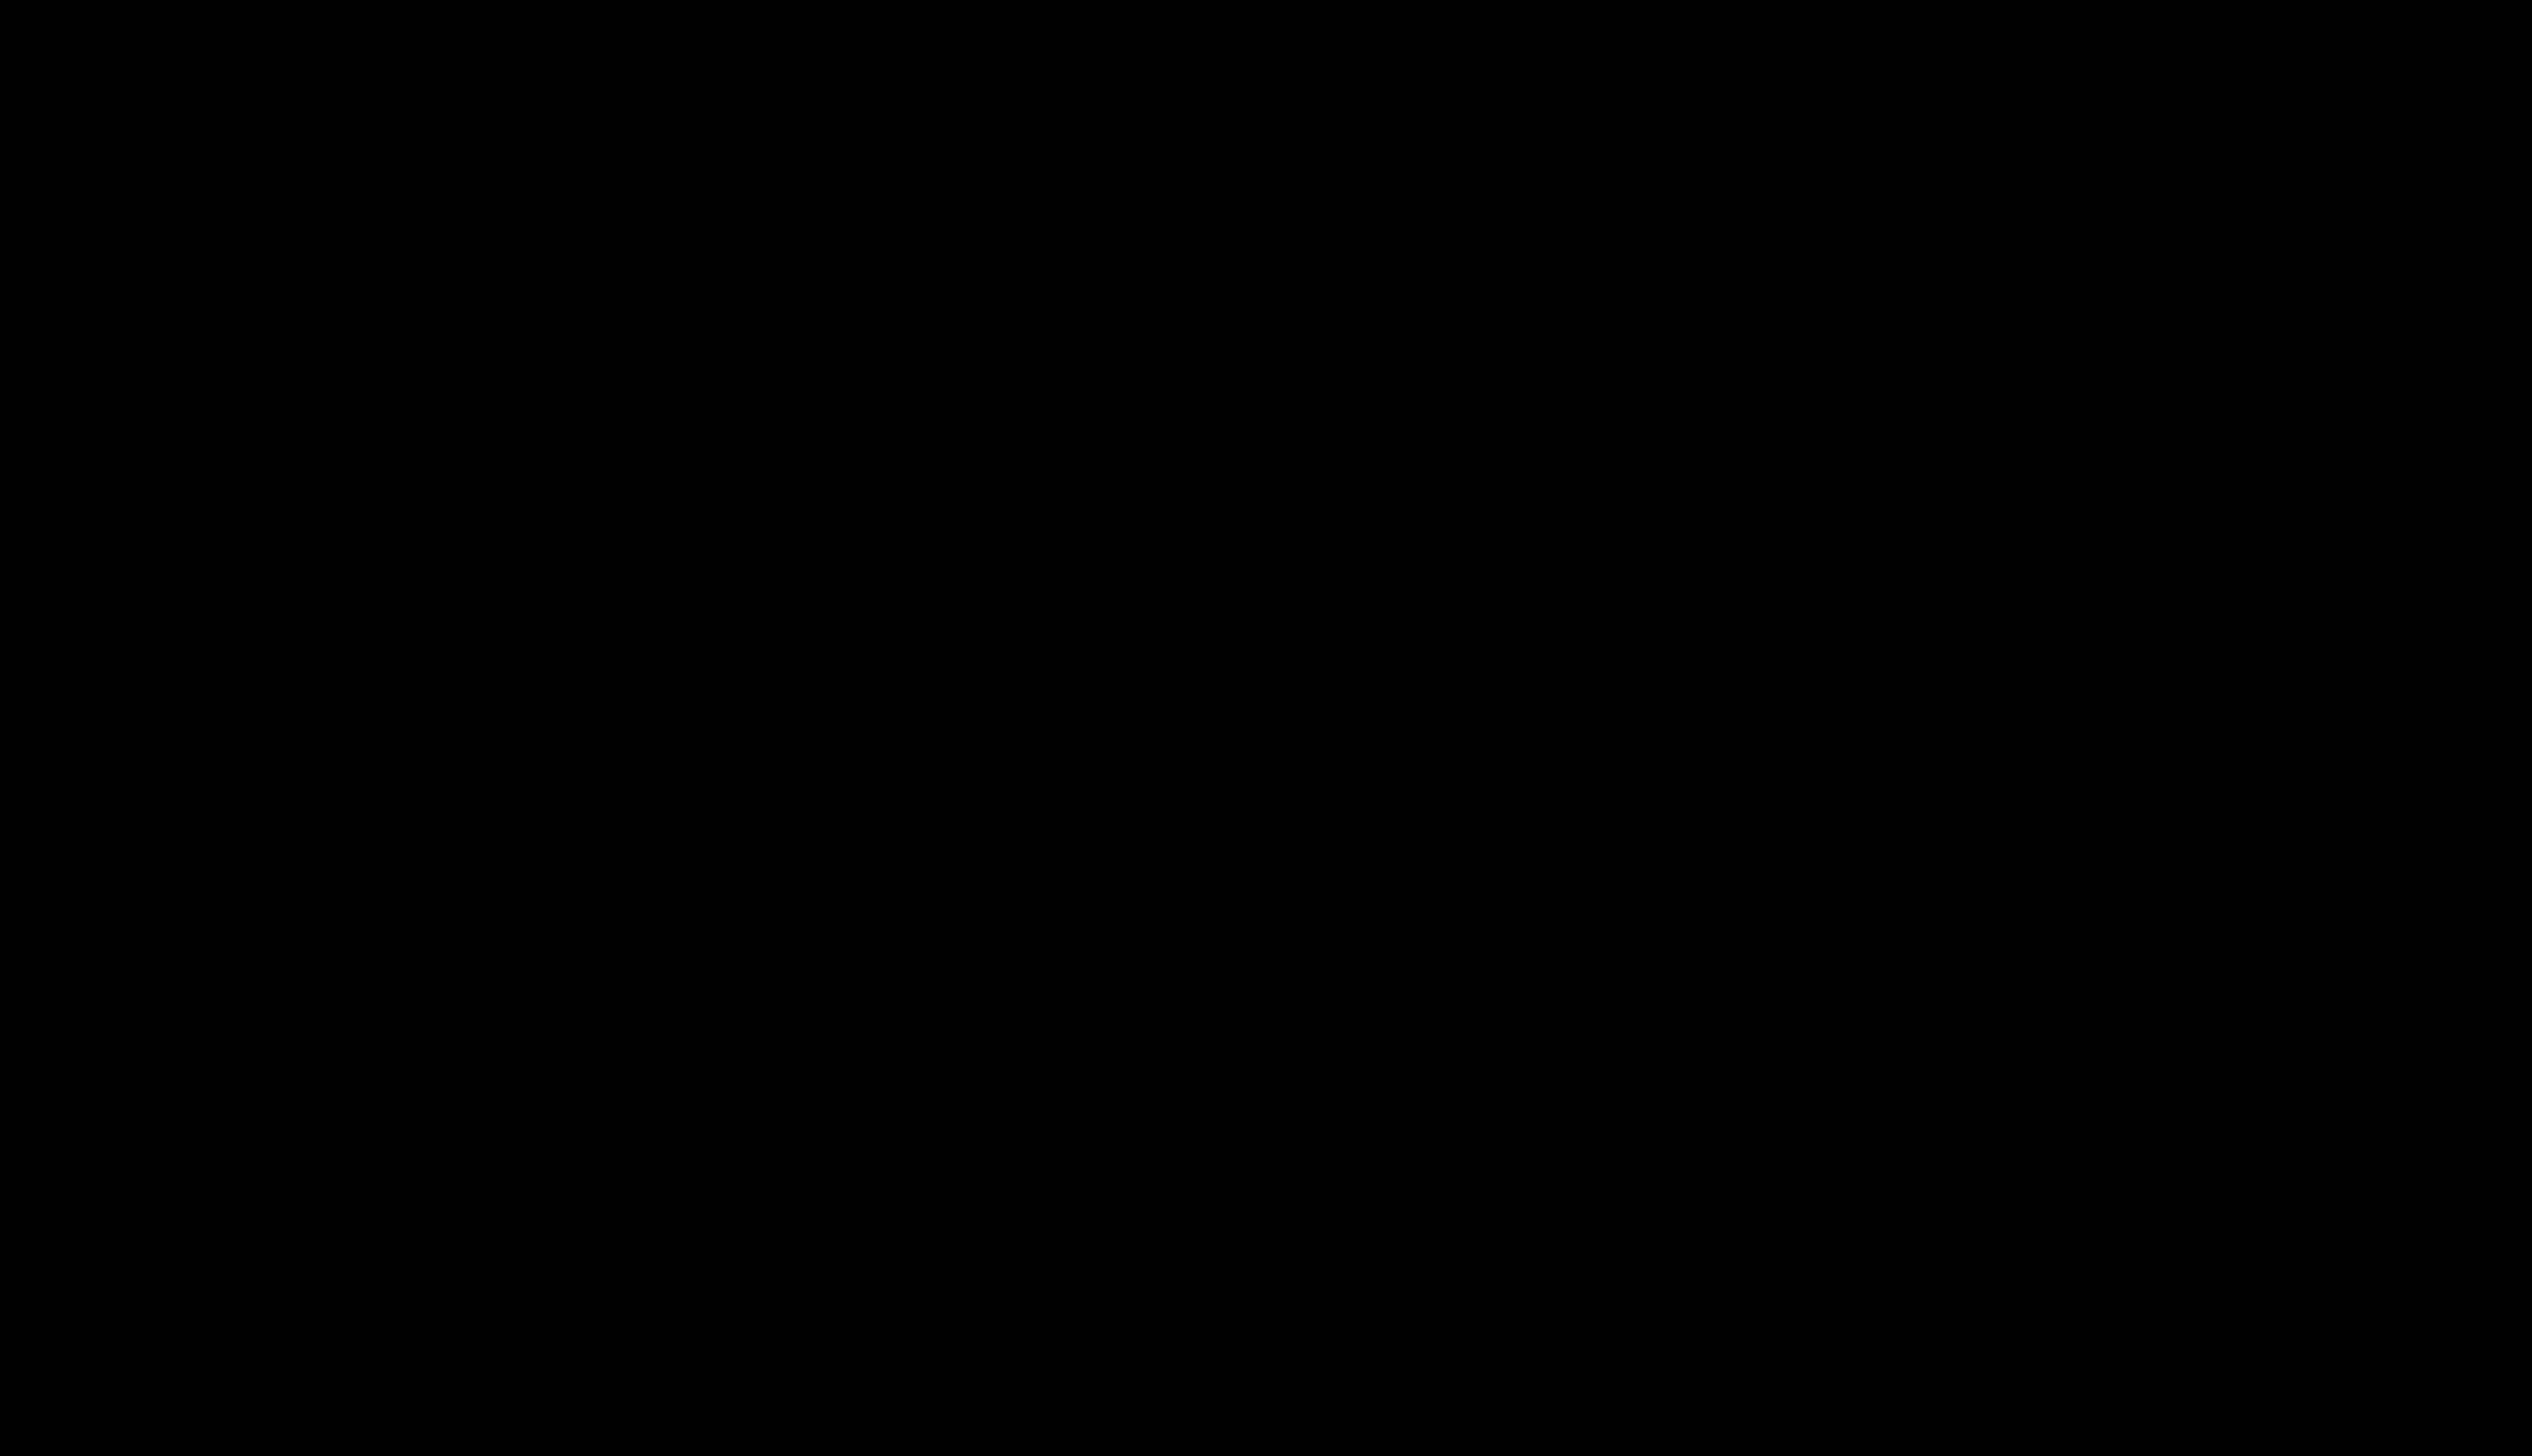 WIP] Tamriel Gridmap of \'\'Project Tamriel\'\' and \'\'Tamriel Rebuilt ...